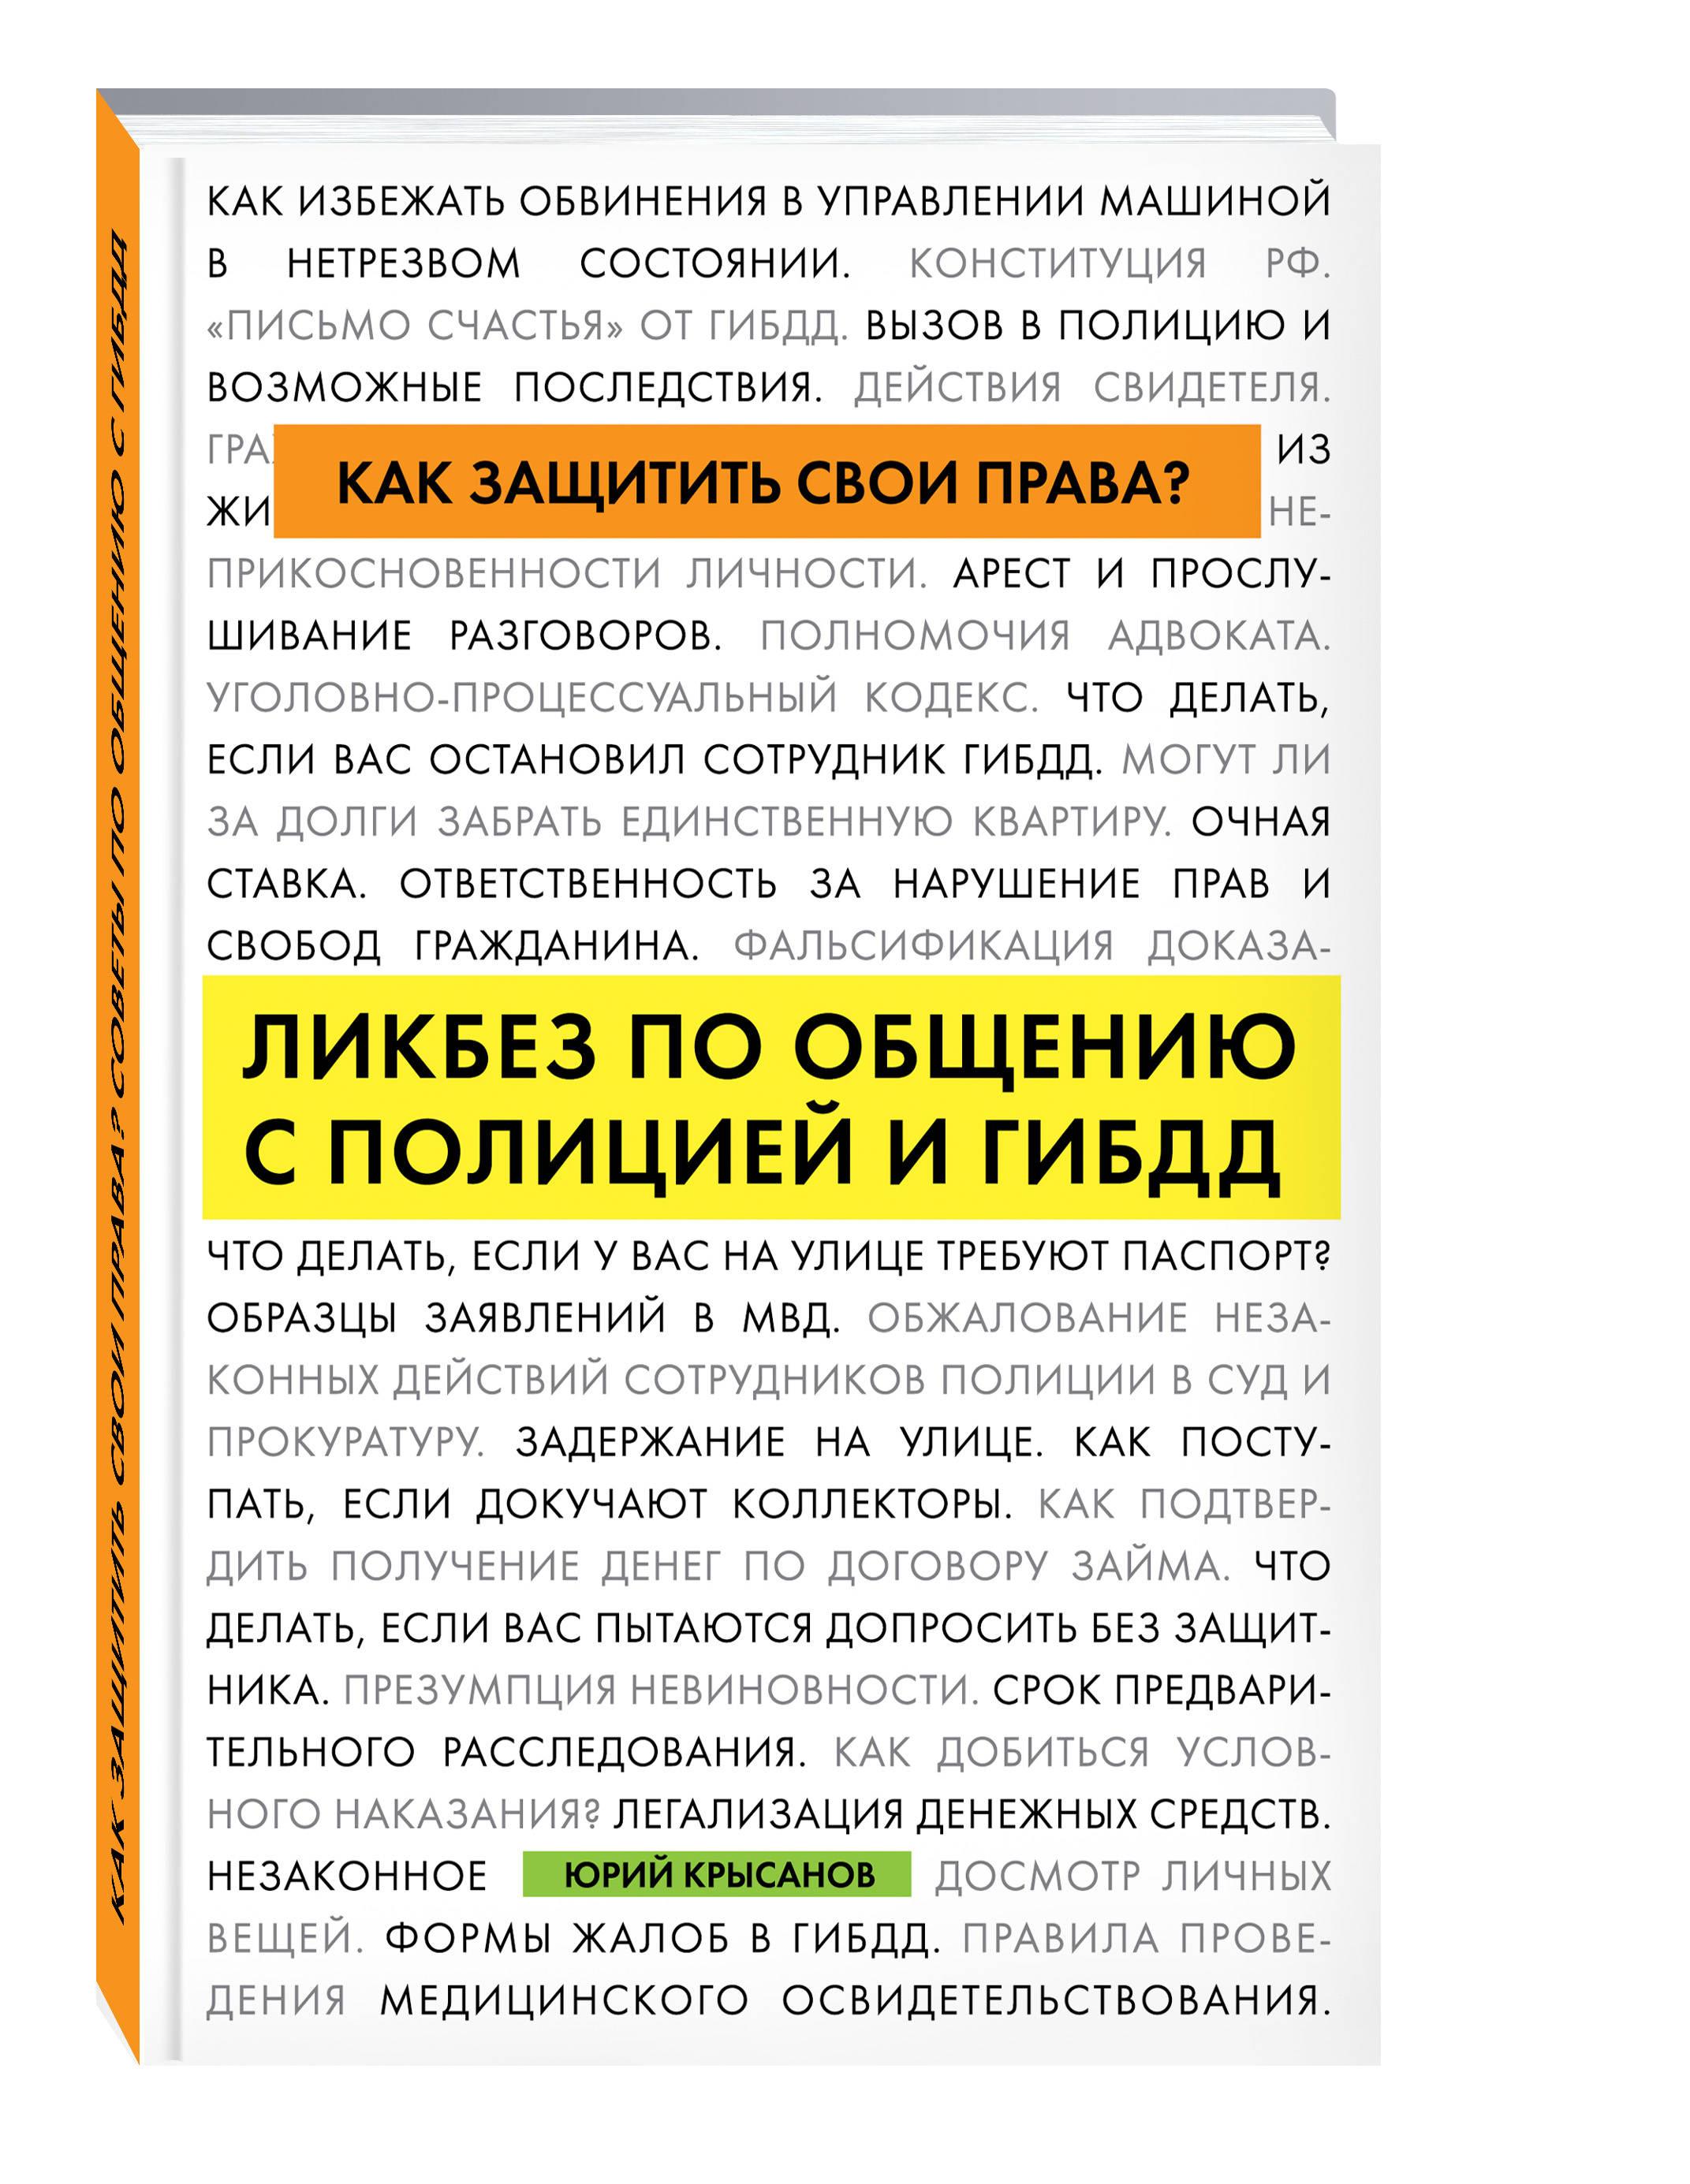 Как защитить свои права? Ликбез по общению с полицией и ГИБДД ( Крысанов Ю.  )